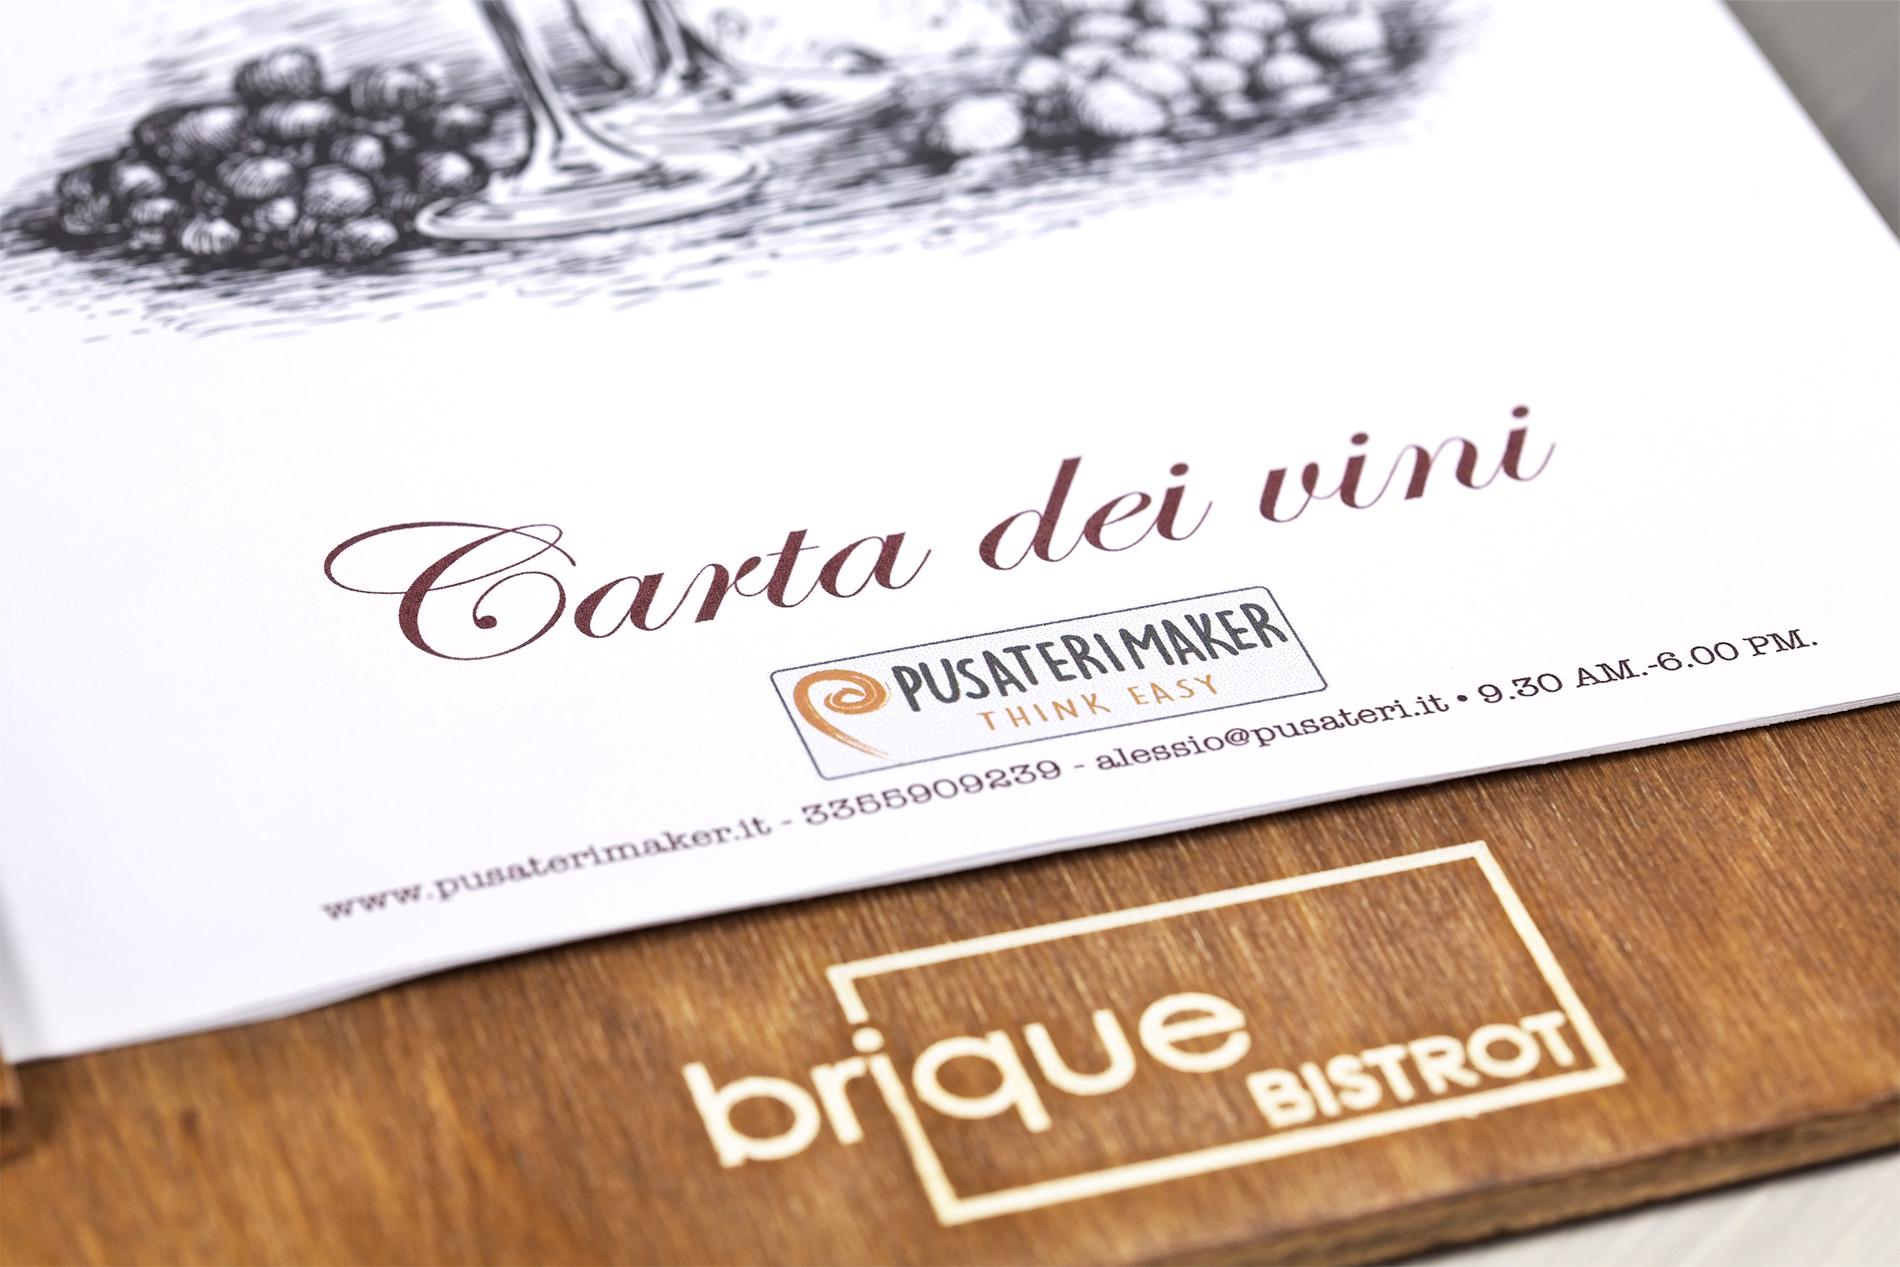 Portamenu Borgo Nuovo Brique Bistrot Carta Dei Vini